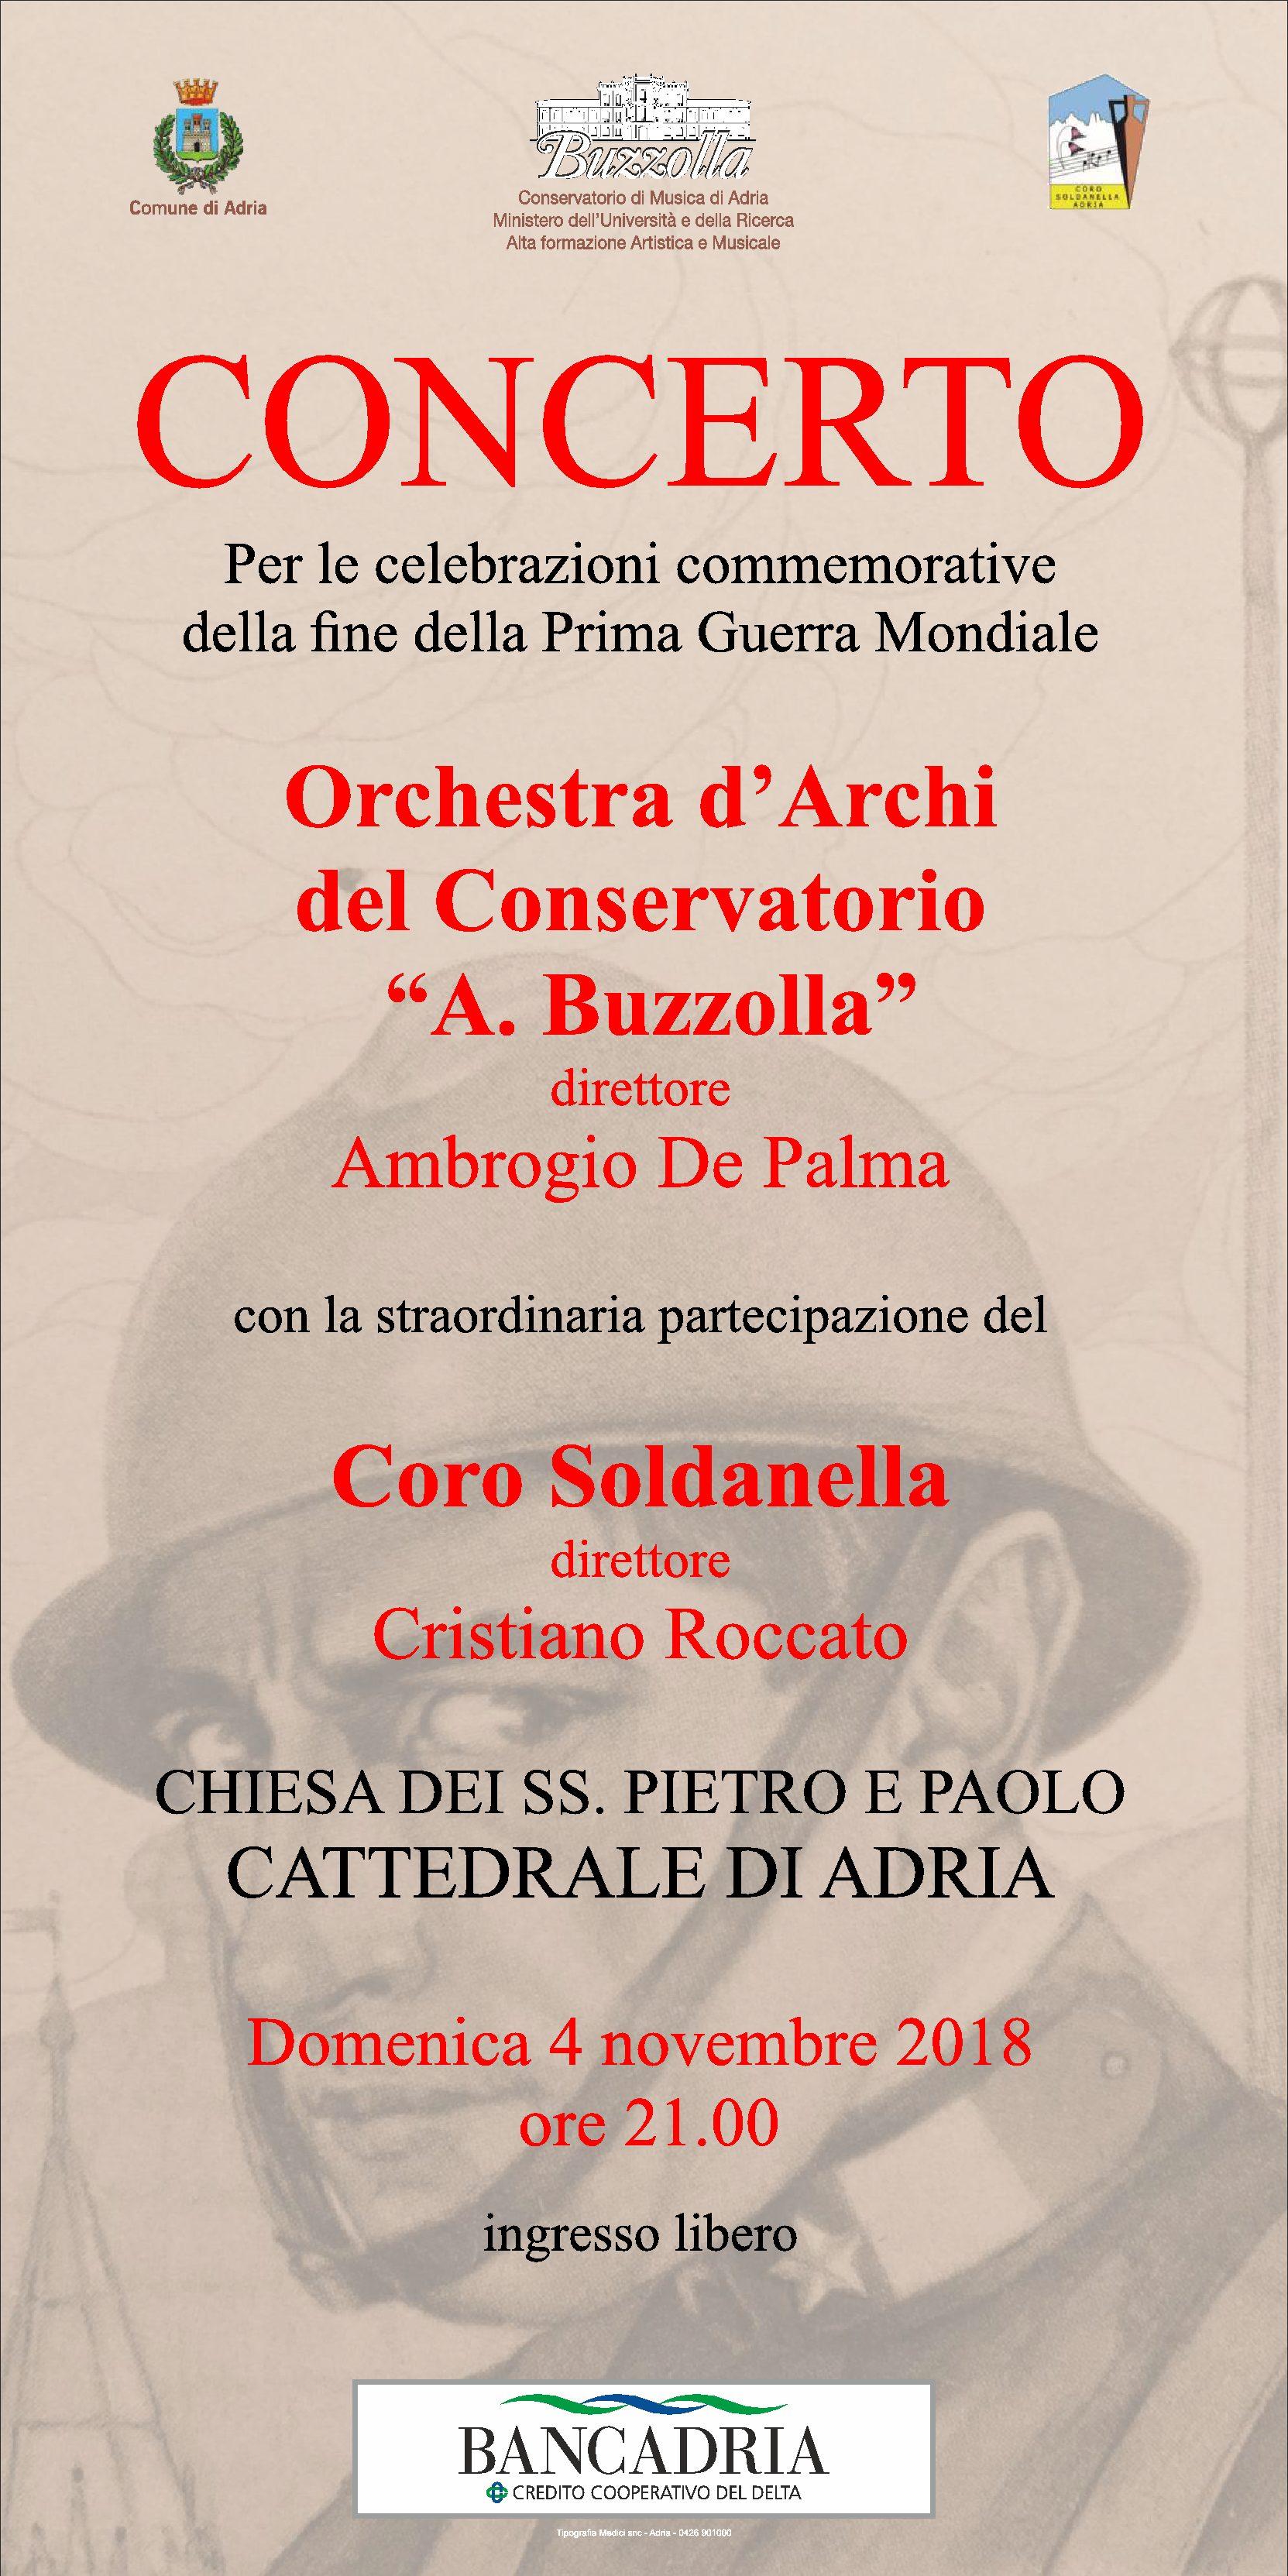 4 novembre 2018, ore 21.00 – Concerto per le celebrazioni commemorative della fine della Prima Guerra Mondiale